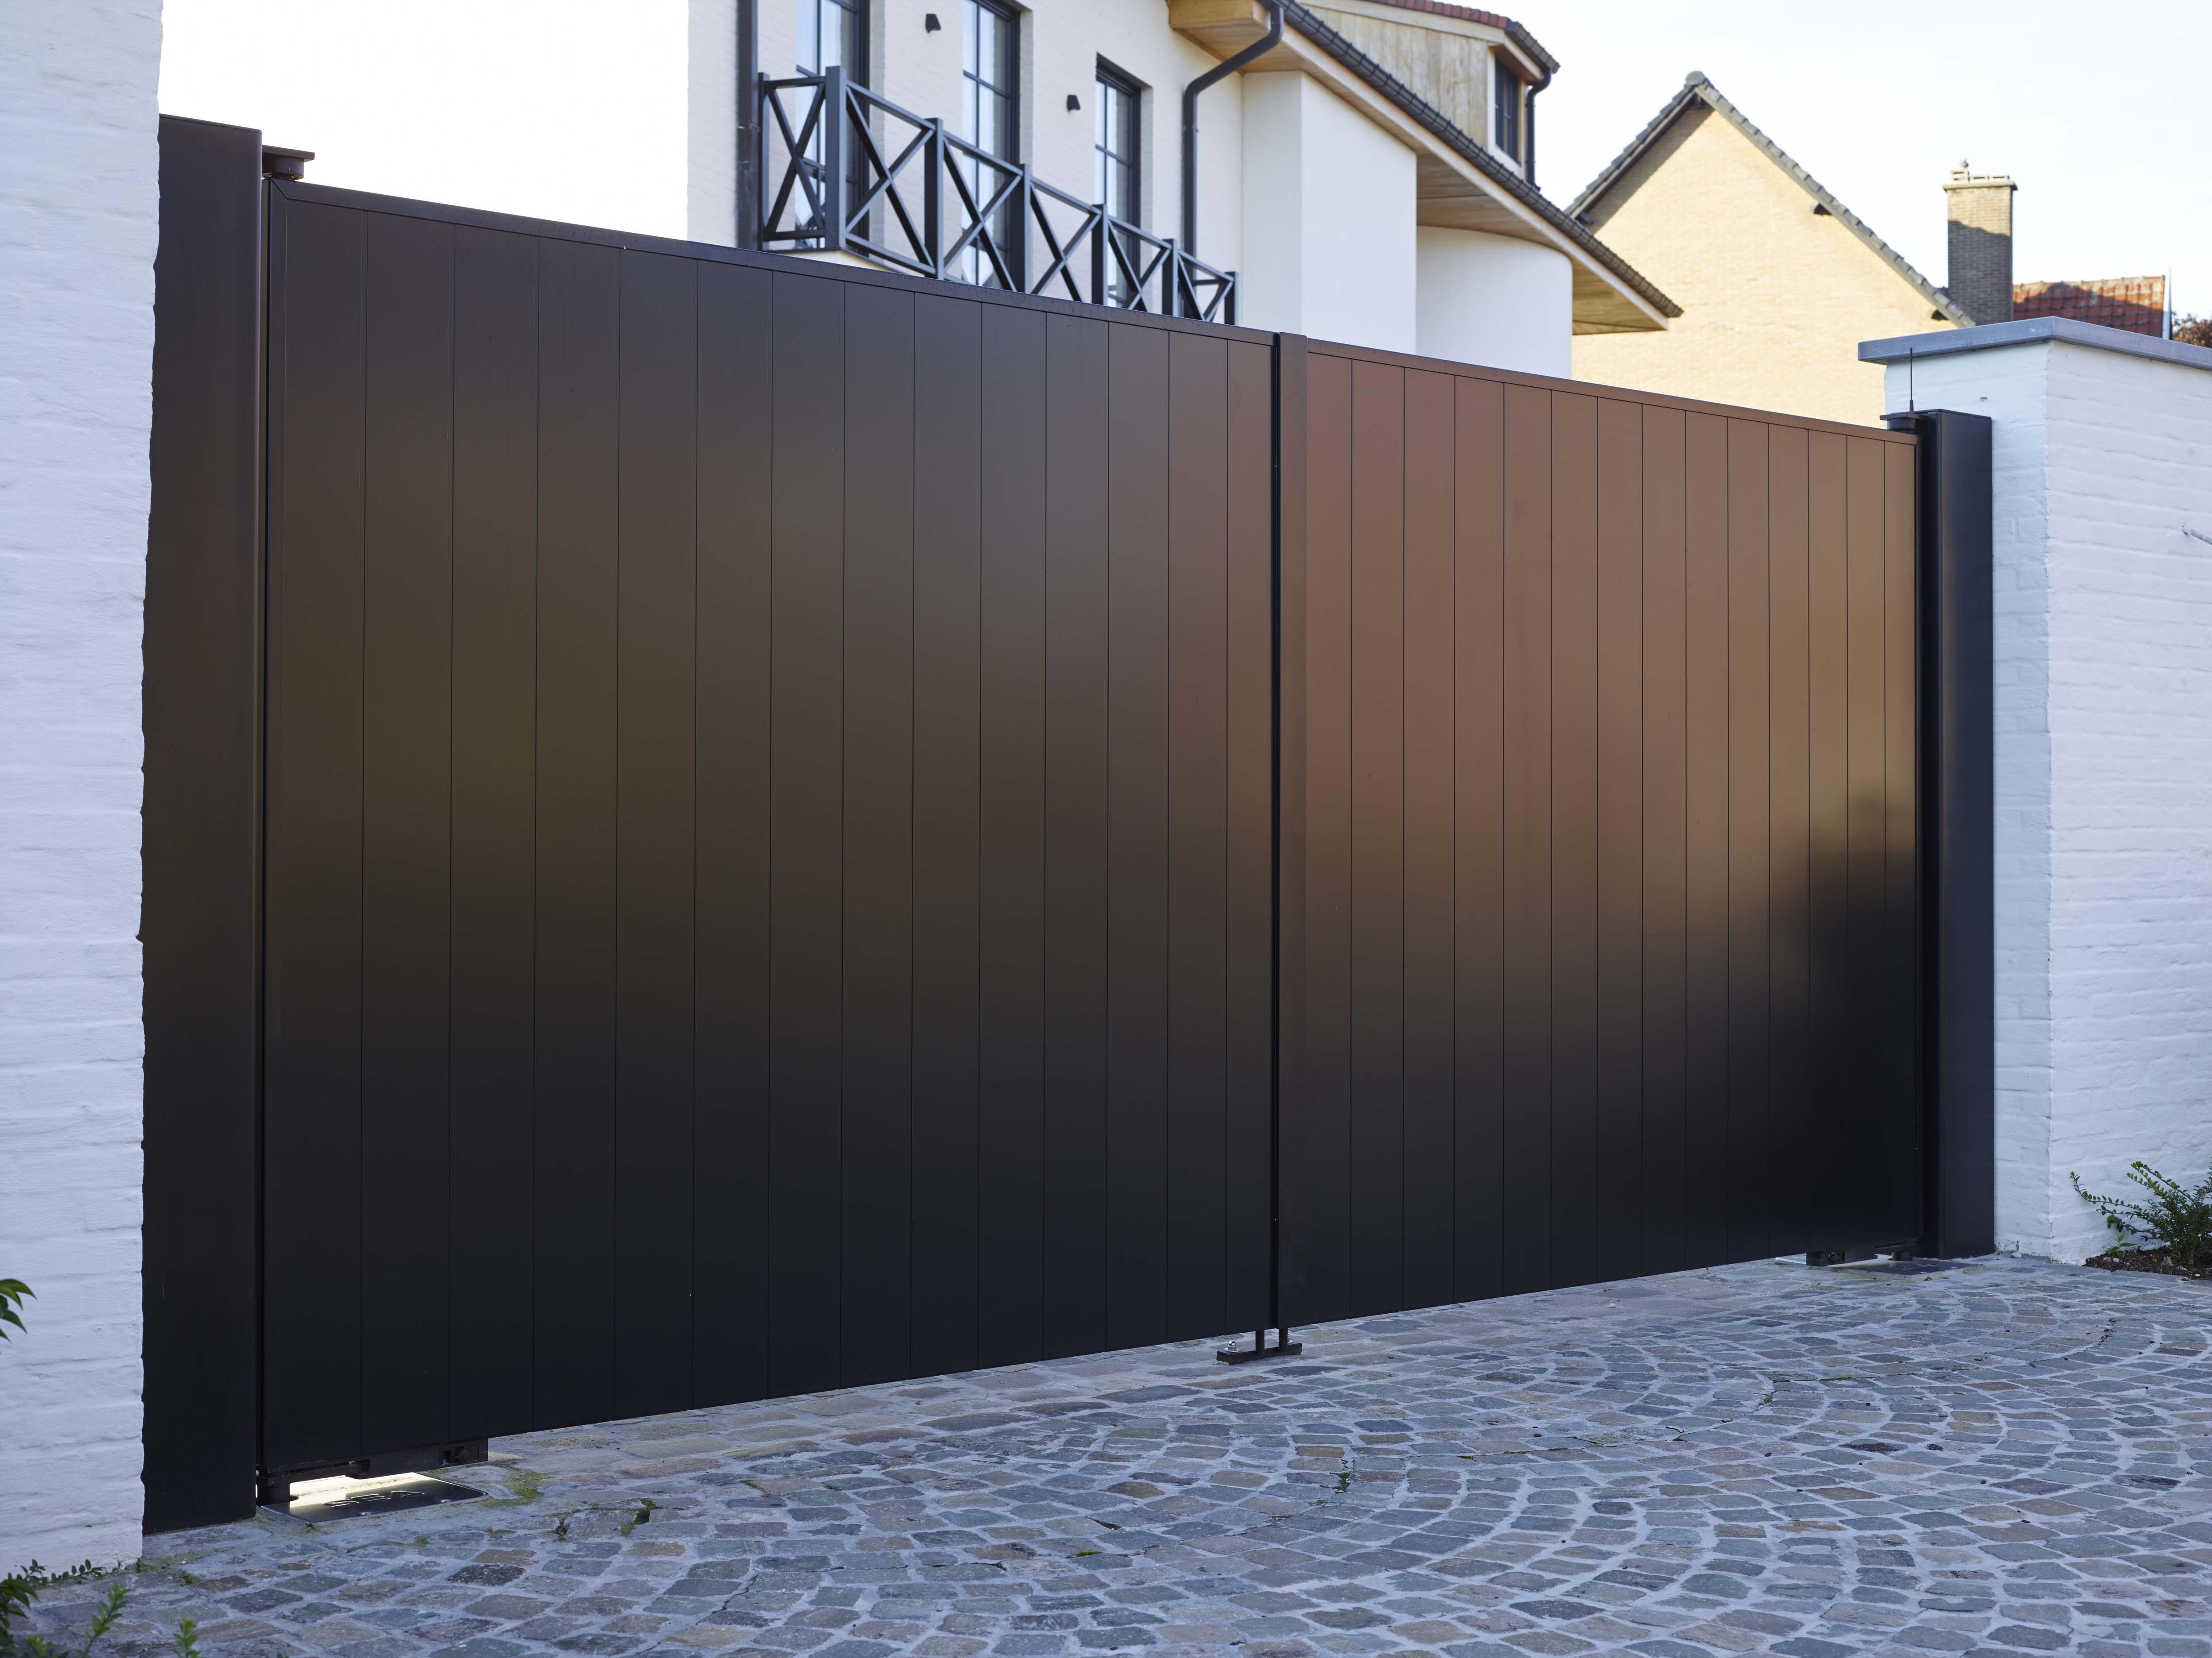 swing garage gates den foto hague the en doors gate swinging haag vleugelpoort